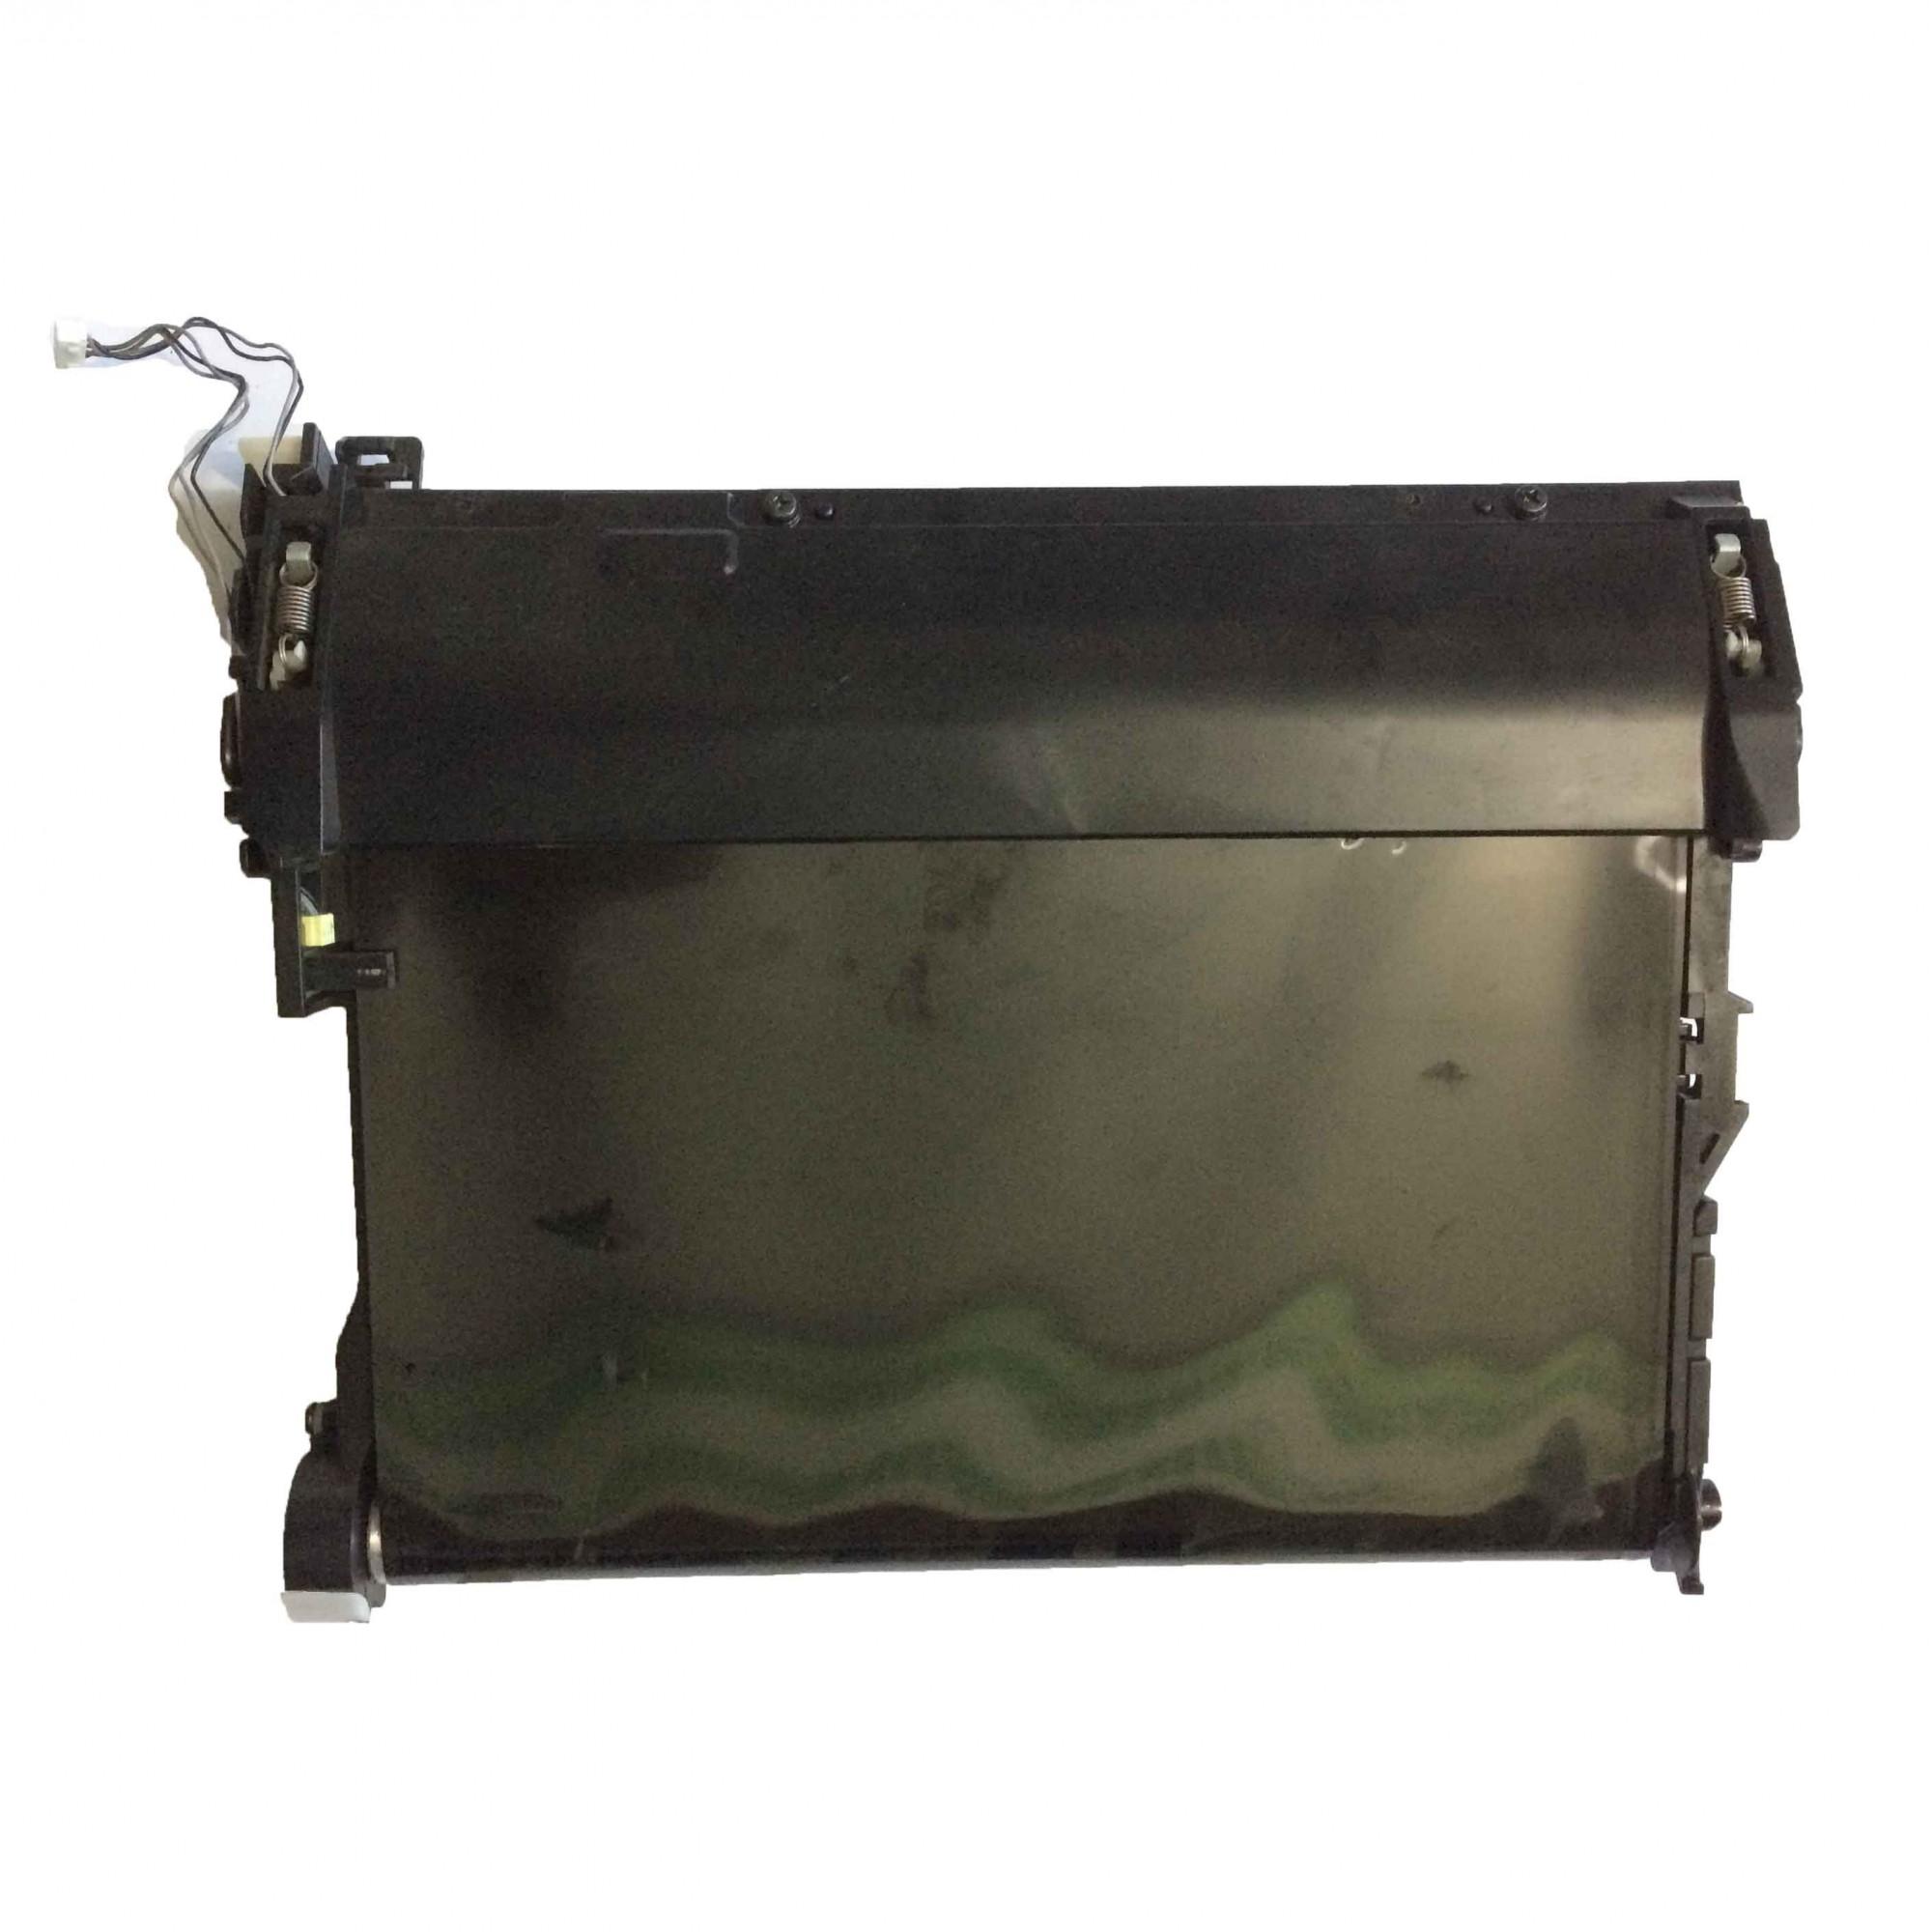 Transfer Belt Esteira Multifuncional Samsung Clp 325w Sl-c410w C460w C460fw PN:jc61-04973a - Retirado